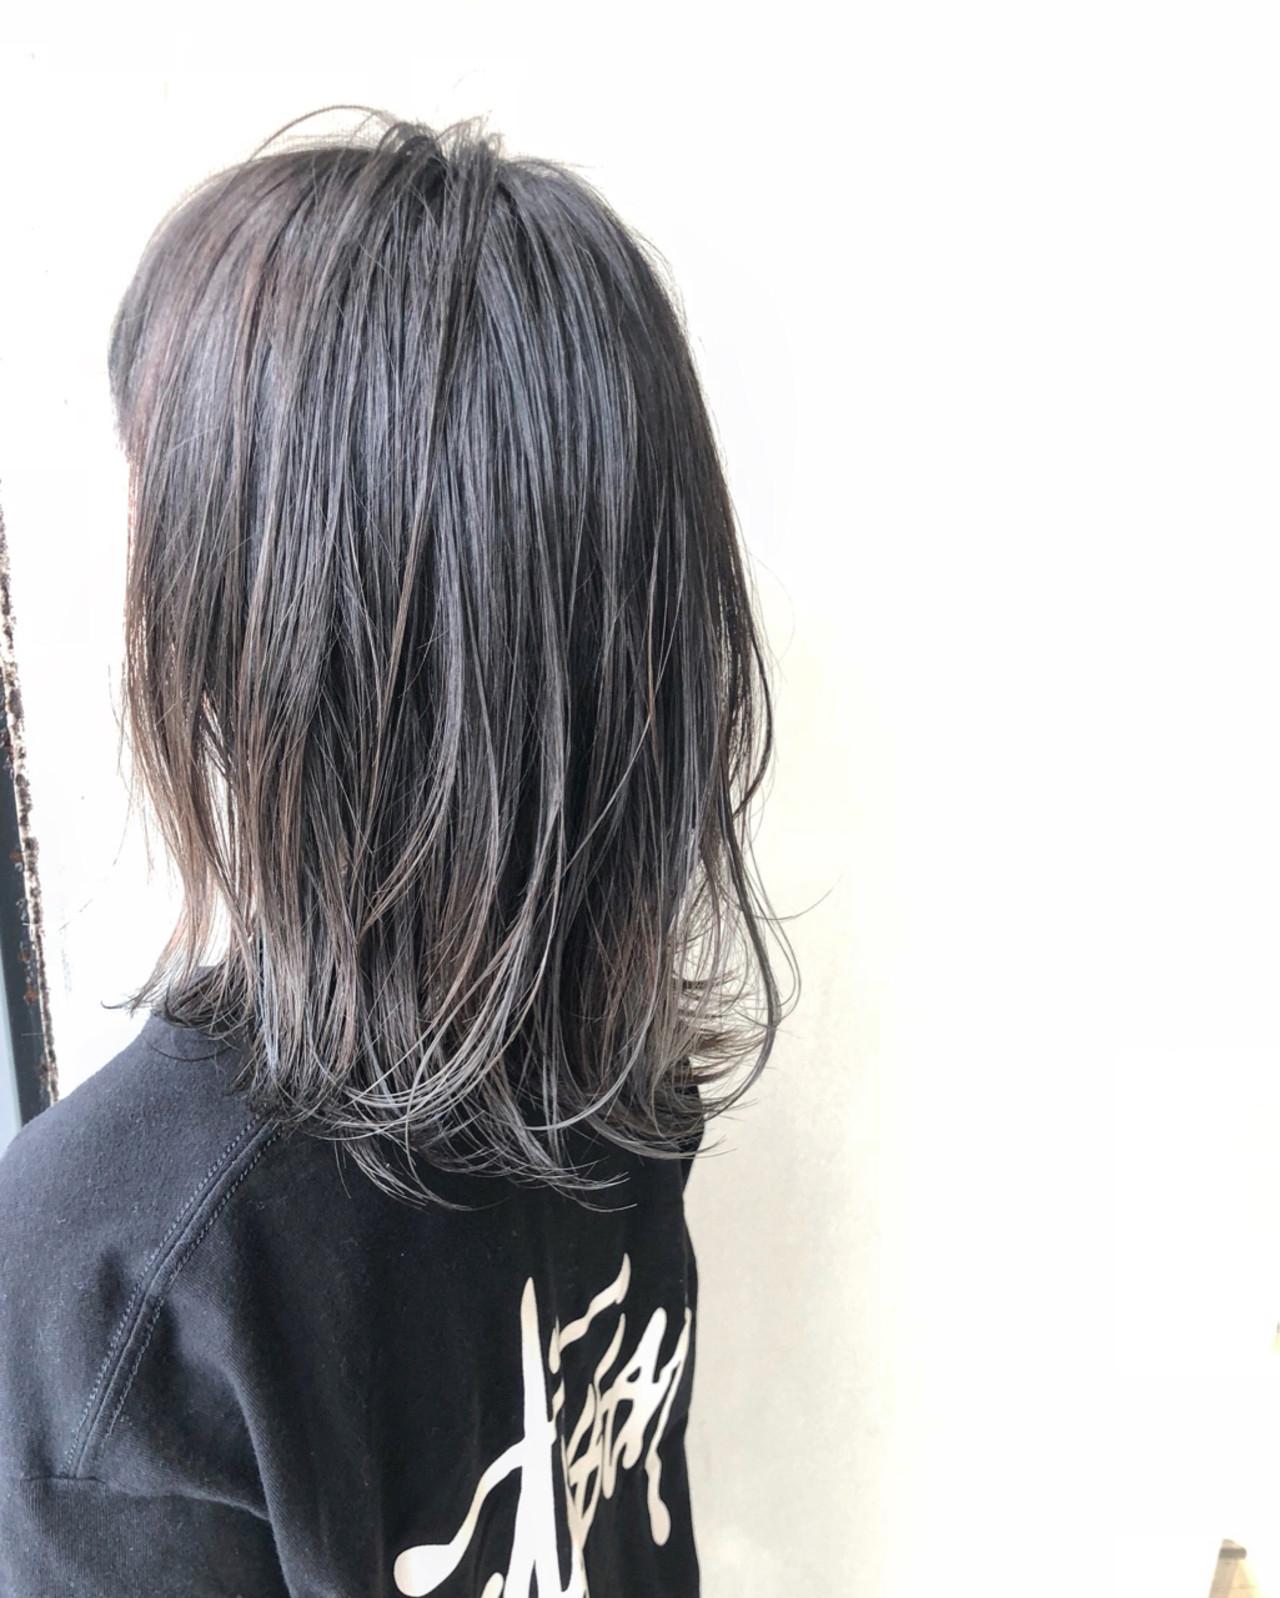 シルバー(銀)for アッシュ系